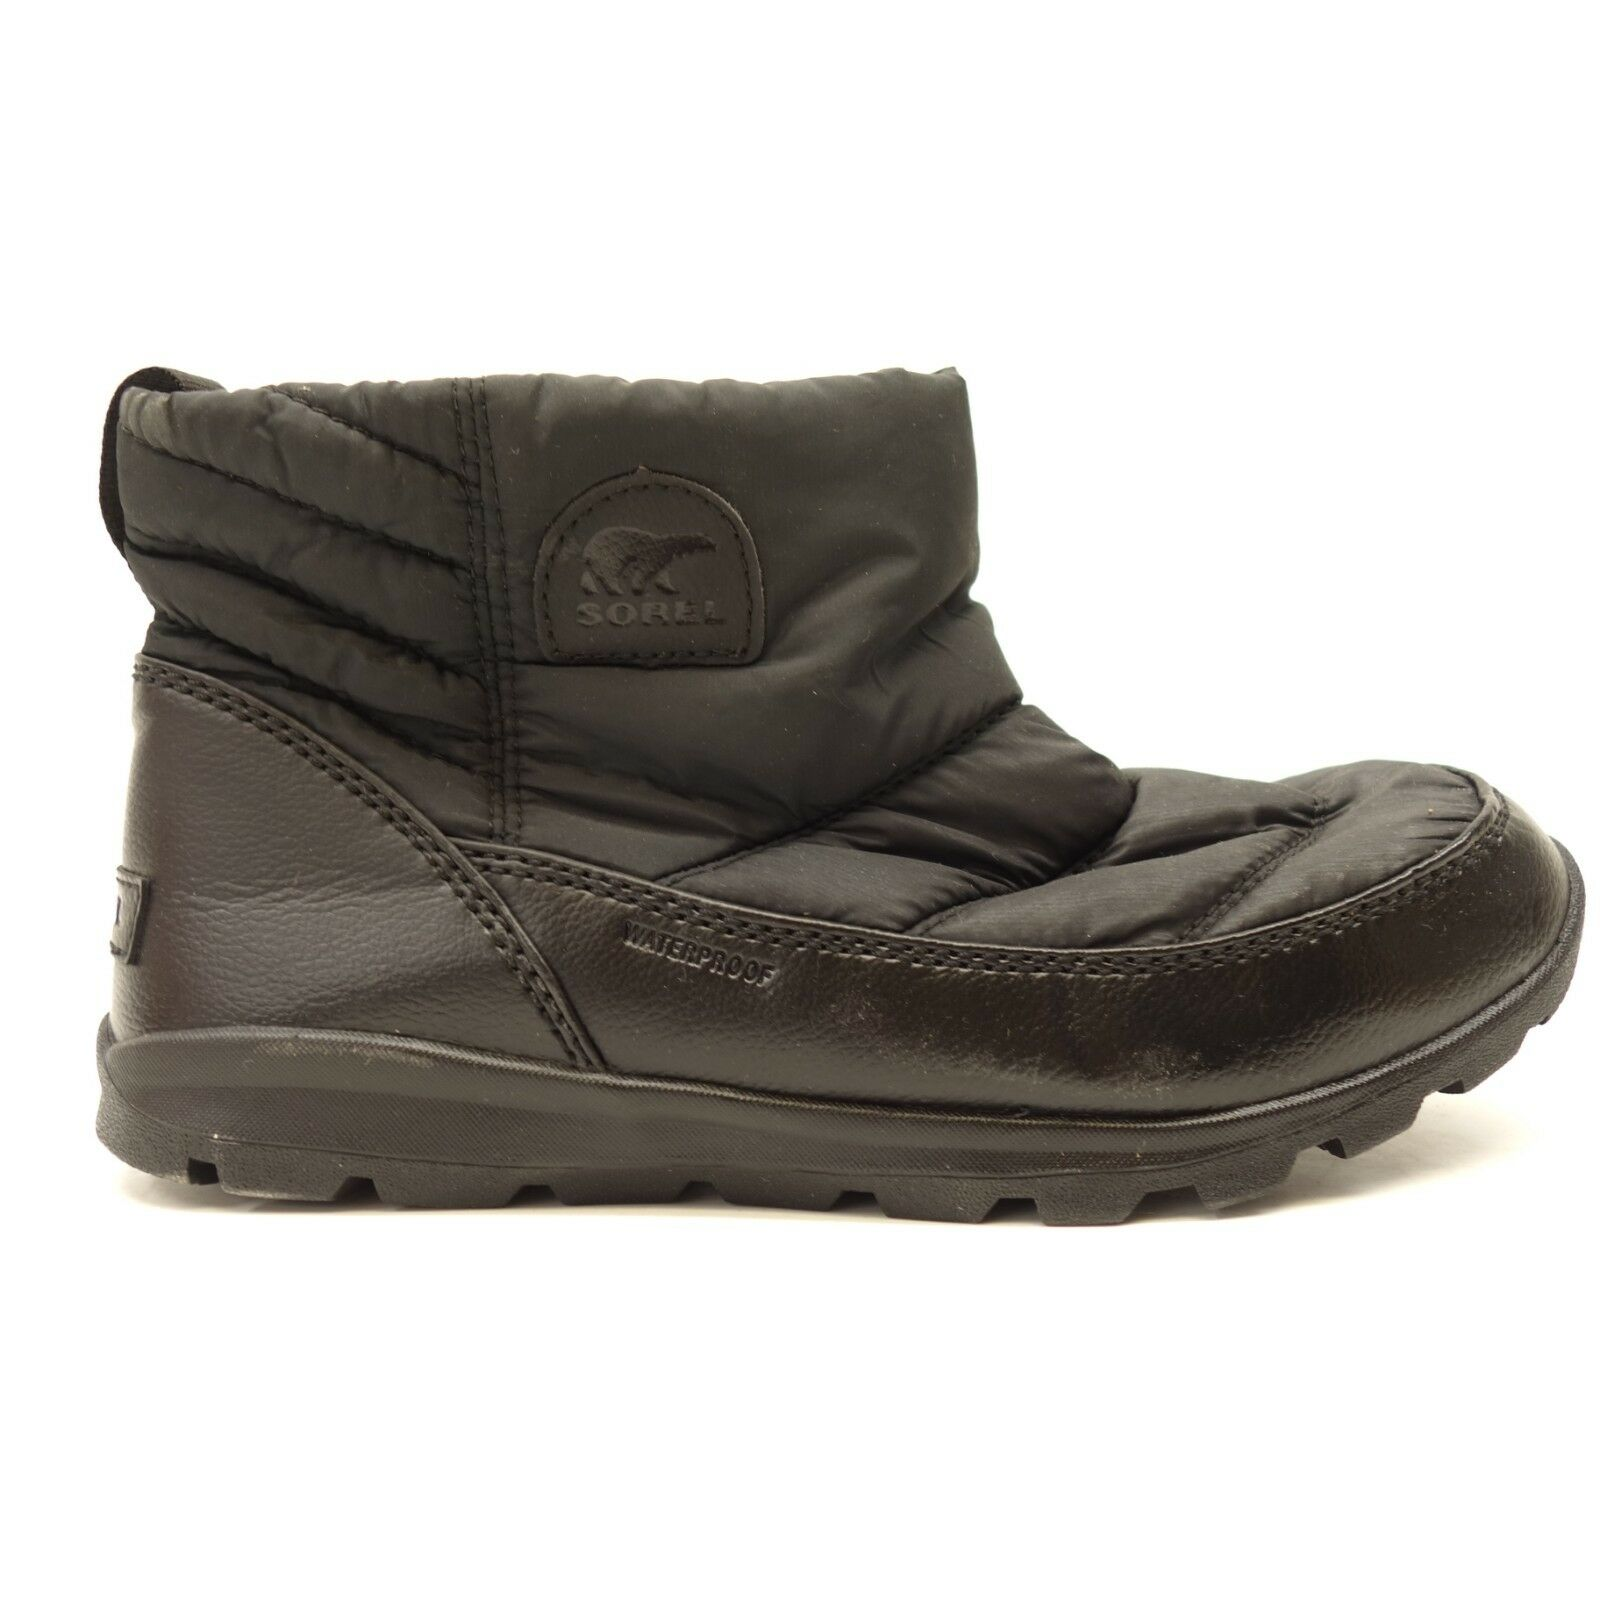 sconti e altro Sorel Sorel Sorel donna Whitney Camp Short Waterproof nero Warm Snow stivali Dimensione US 8 EU 39  garanzia di qualità